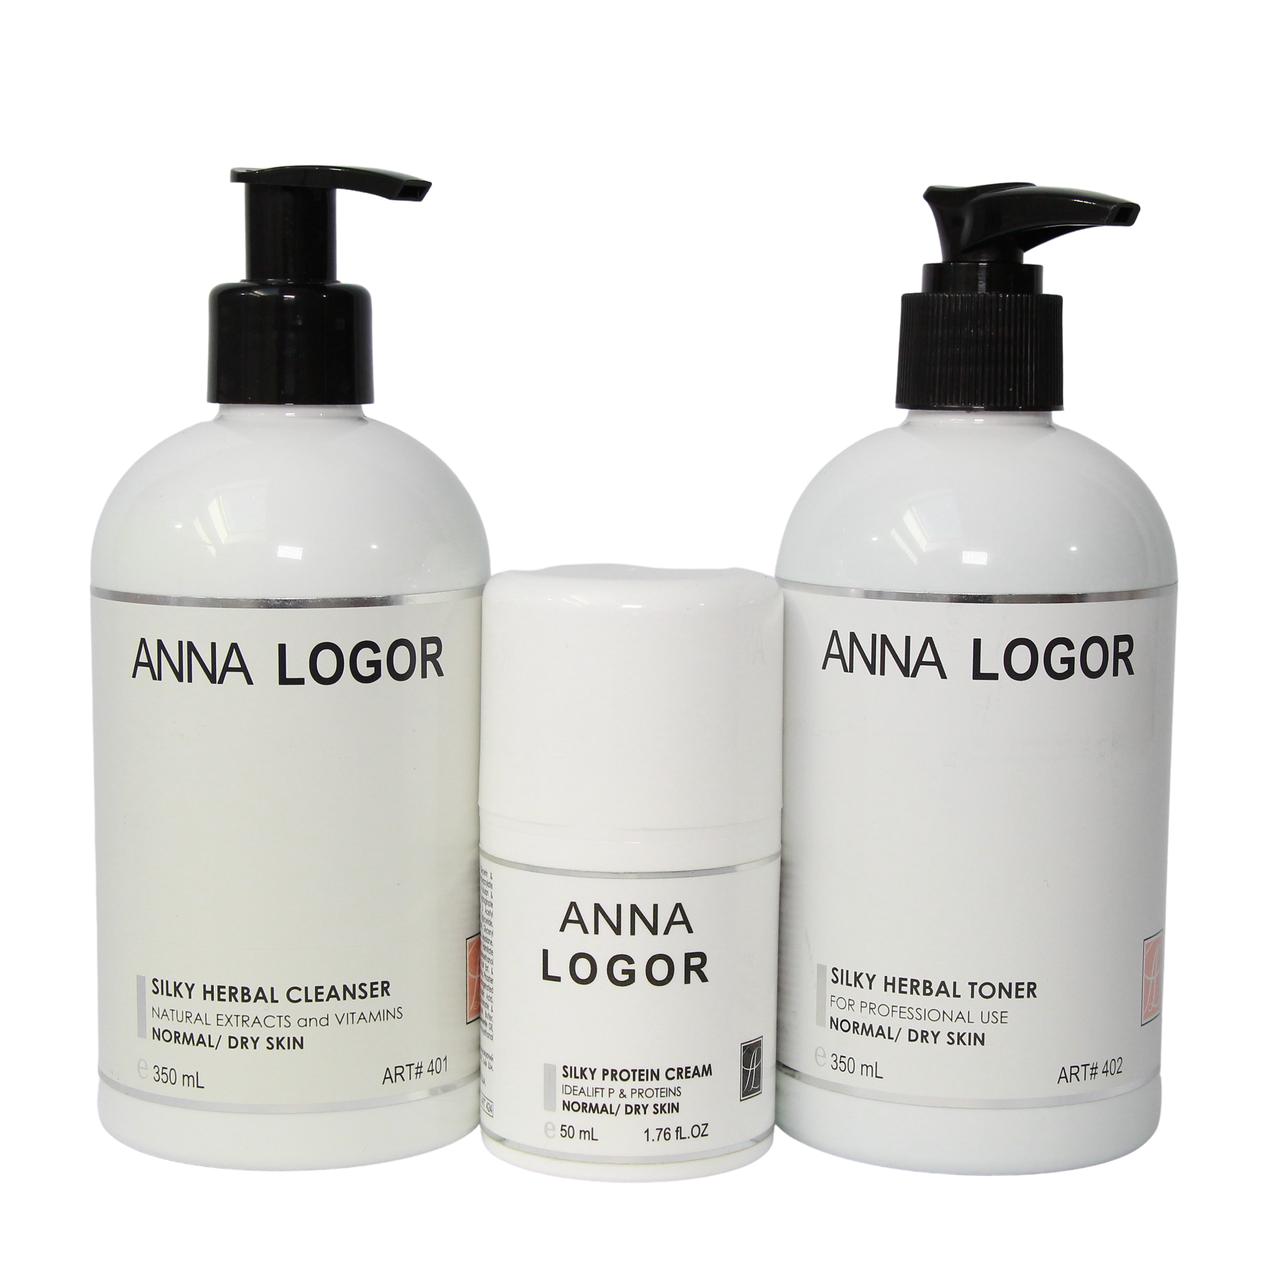 Набор косметики Anna LOGOR Серия для сухой кожи лица Art.401 424